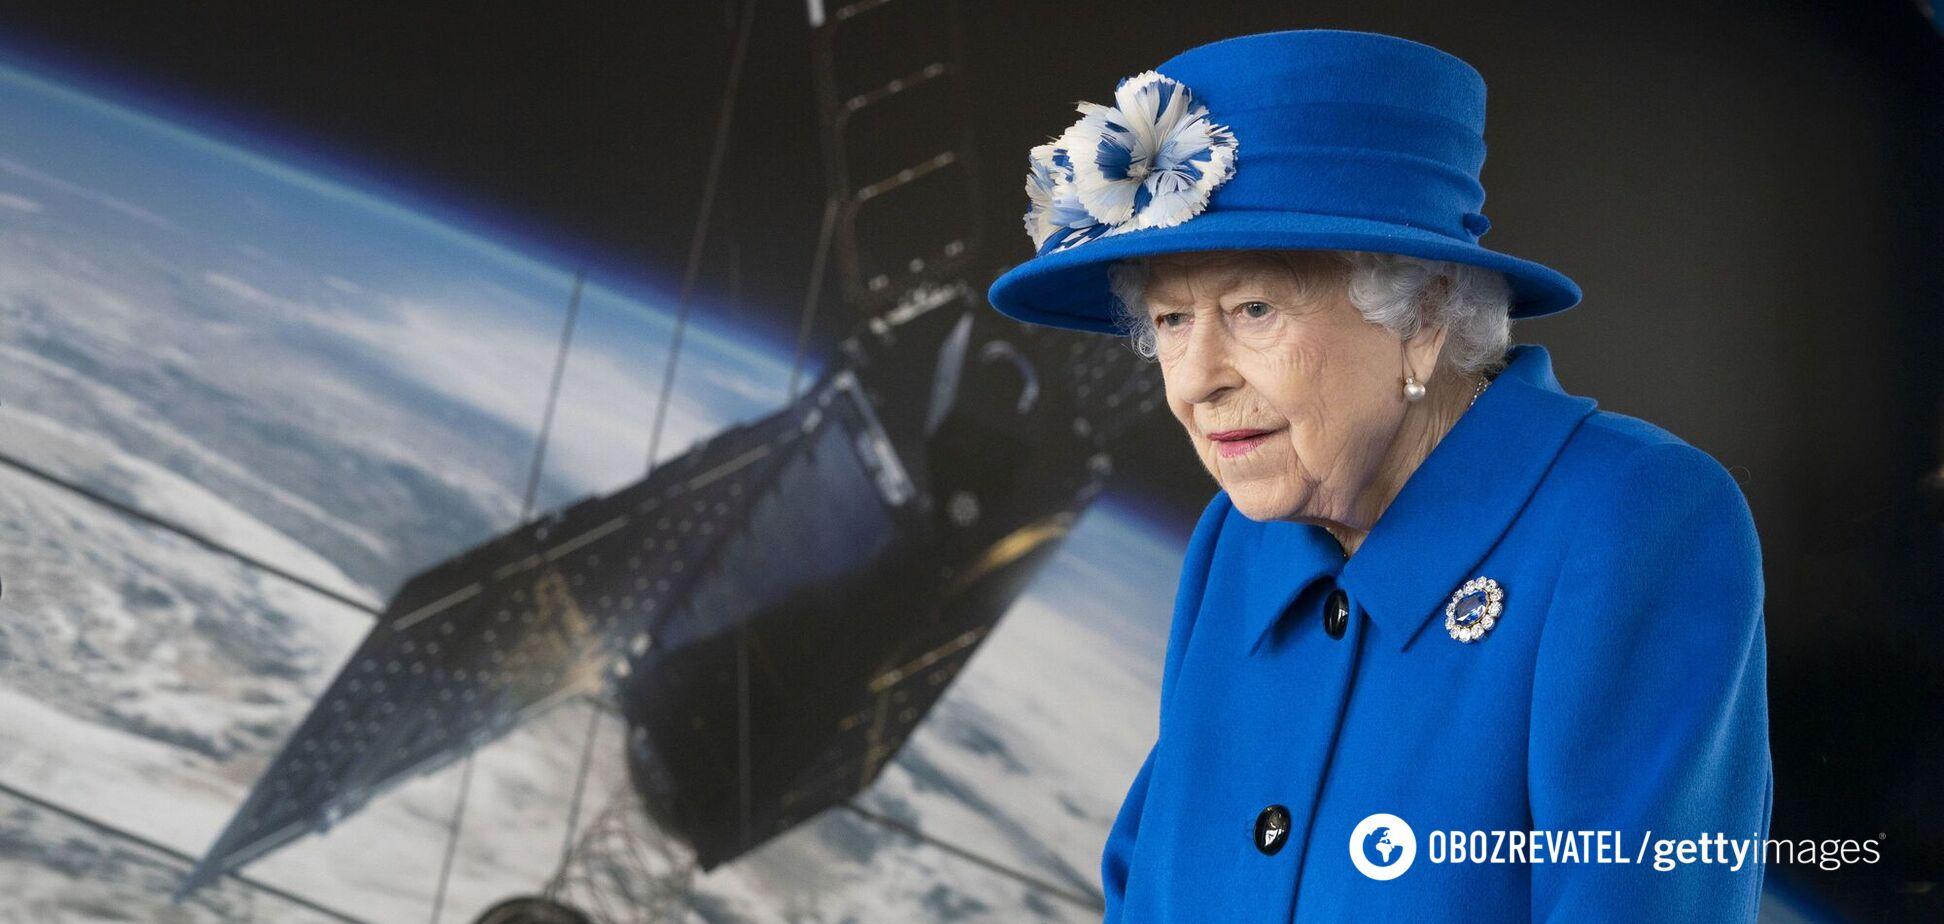 Как выглядела Елизавета II до трона и замужества: редкое фото